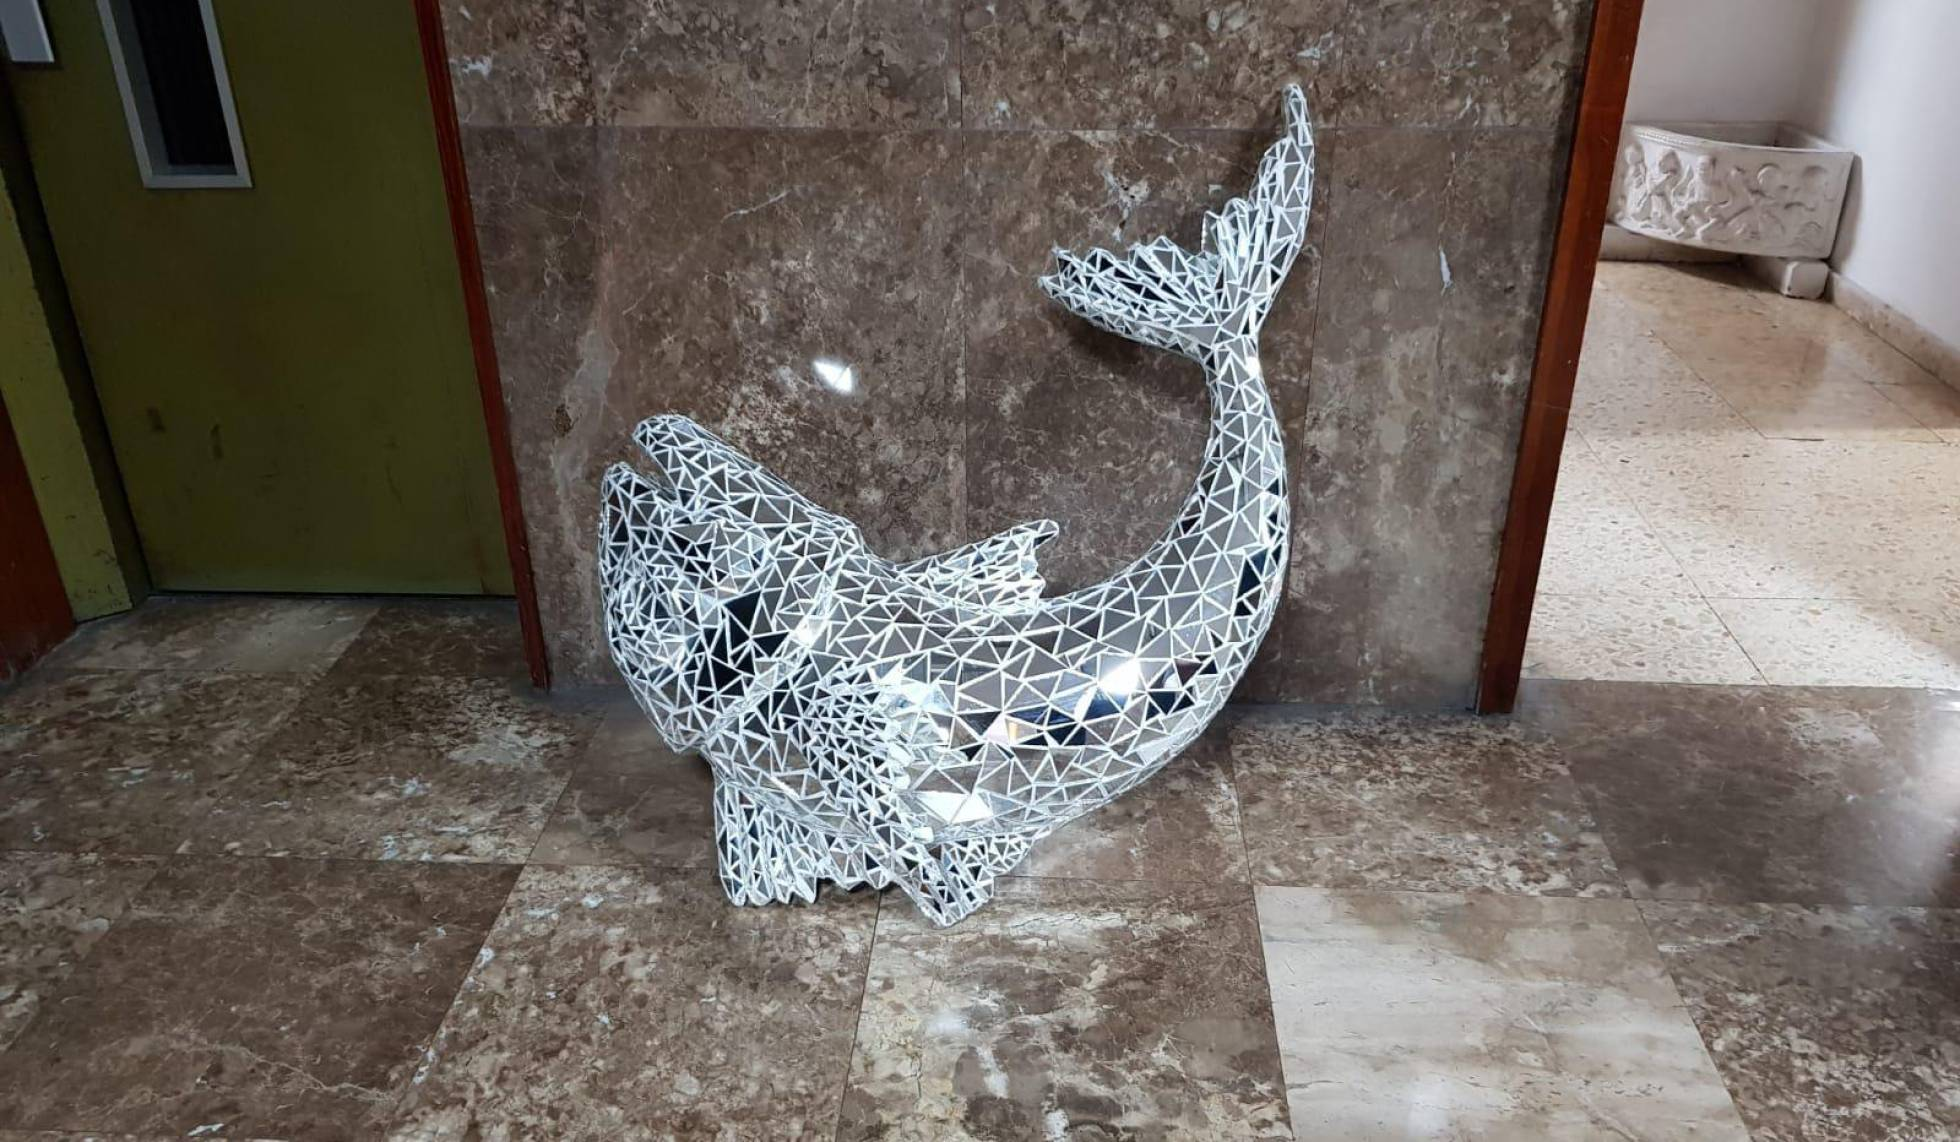 Вор украл скульптуру в Санта Крузе и вернул ее четыре дня спустя